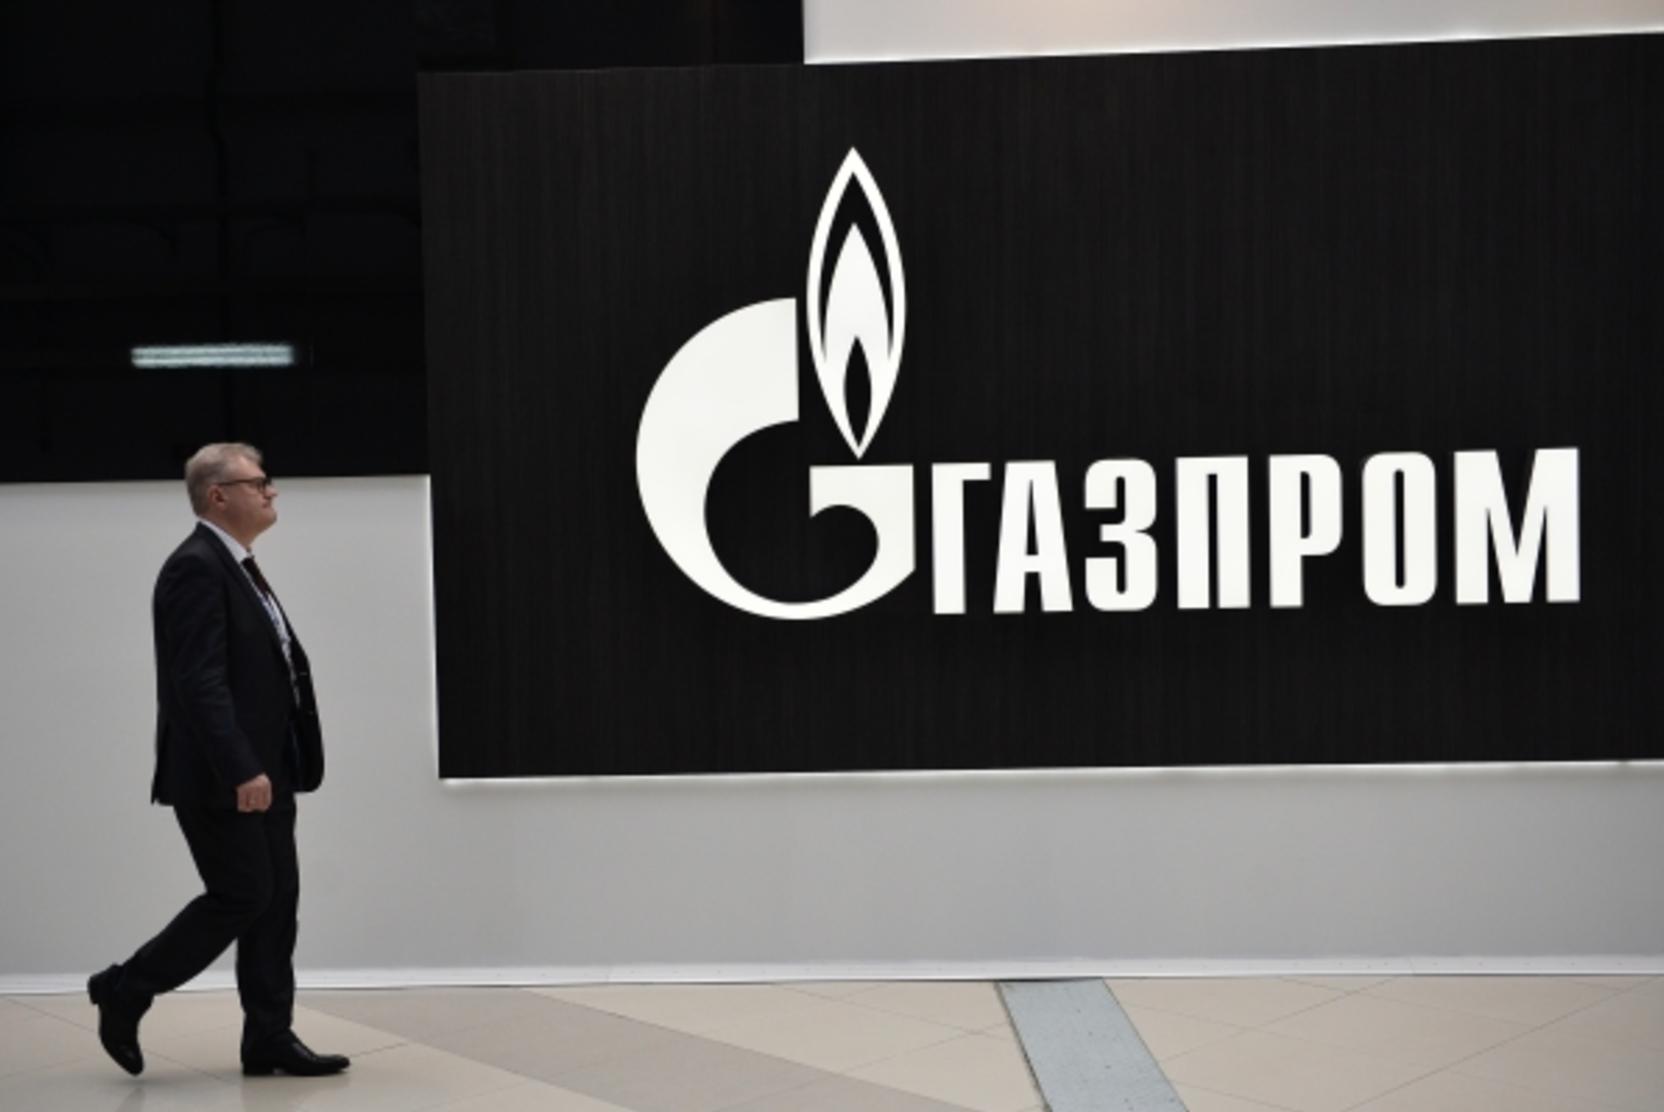 Газпром стал самой дорогой российской компанией